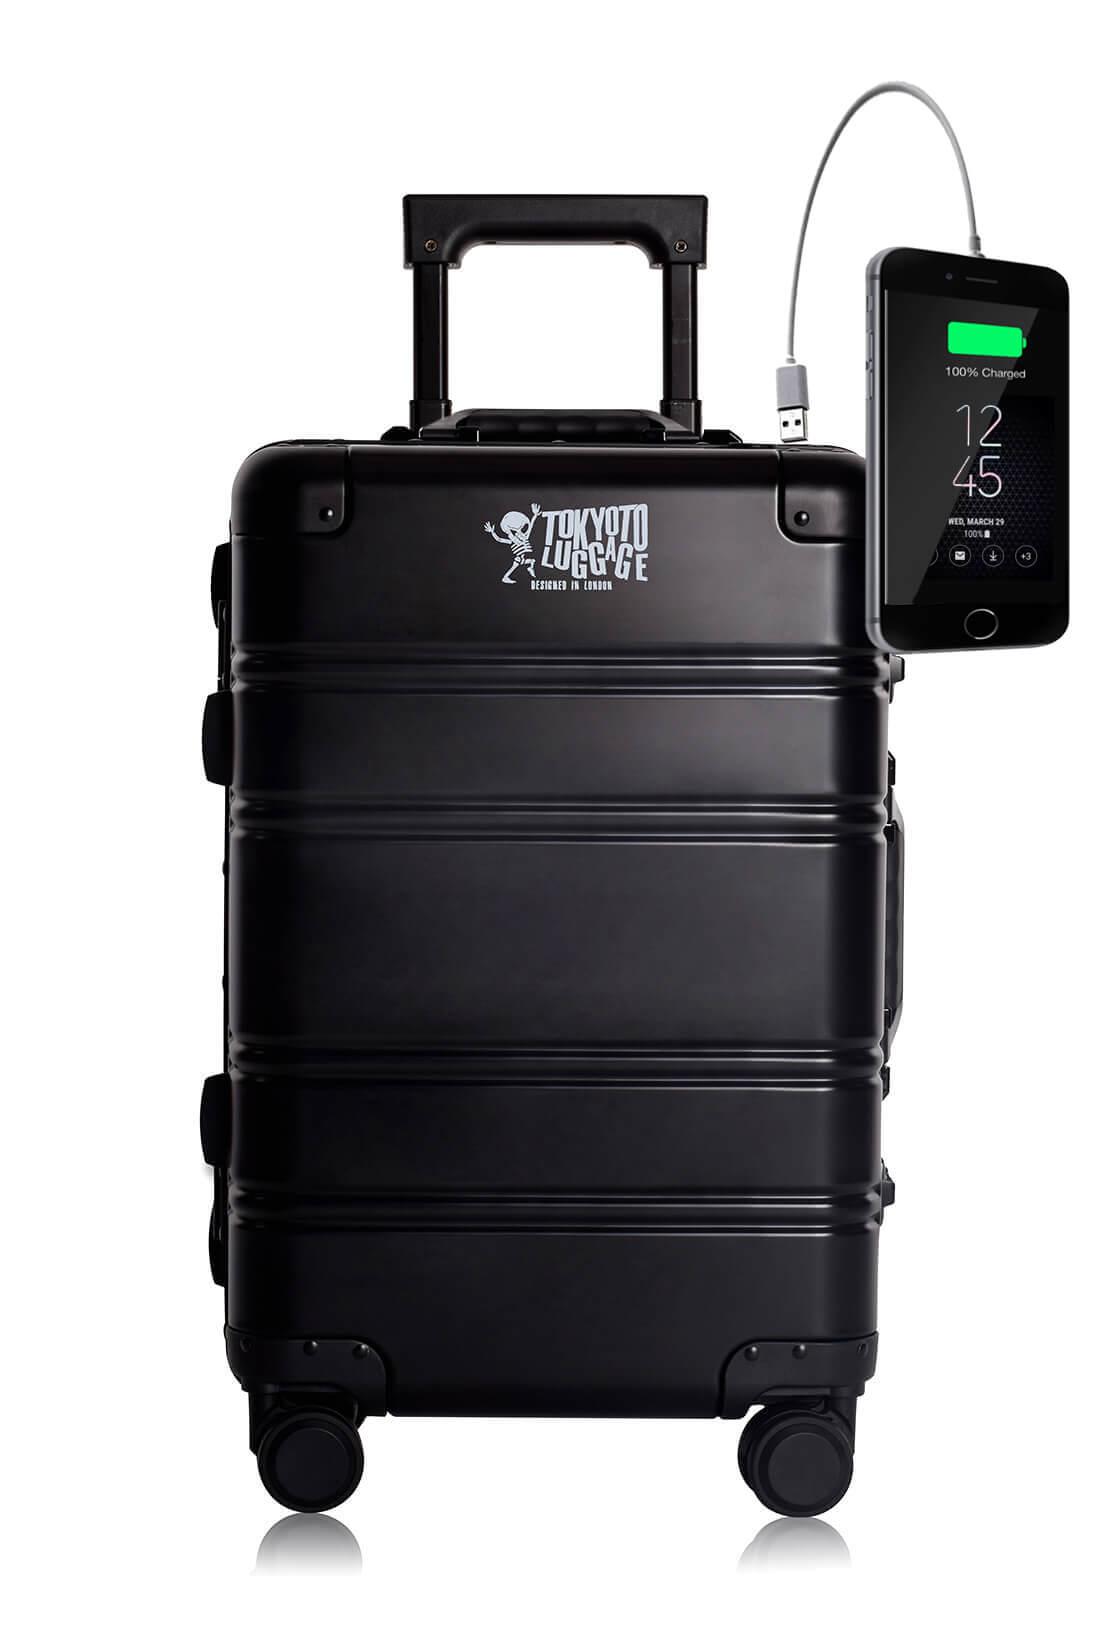 Metal Carry-on Luggage Hartschalen Trolley Koffer Rollkoffer aus hochwertiger Aluminium Legierung mit 4 Rollen und zweifachem TSA-Zahlenschloss BLACK LOGO